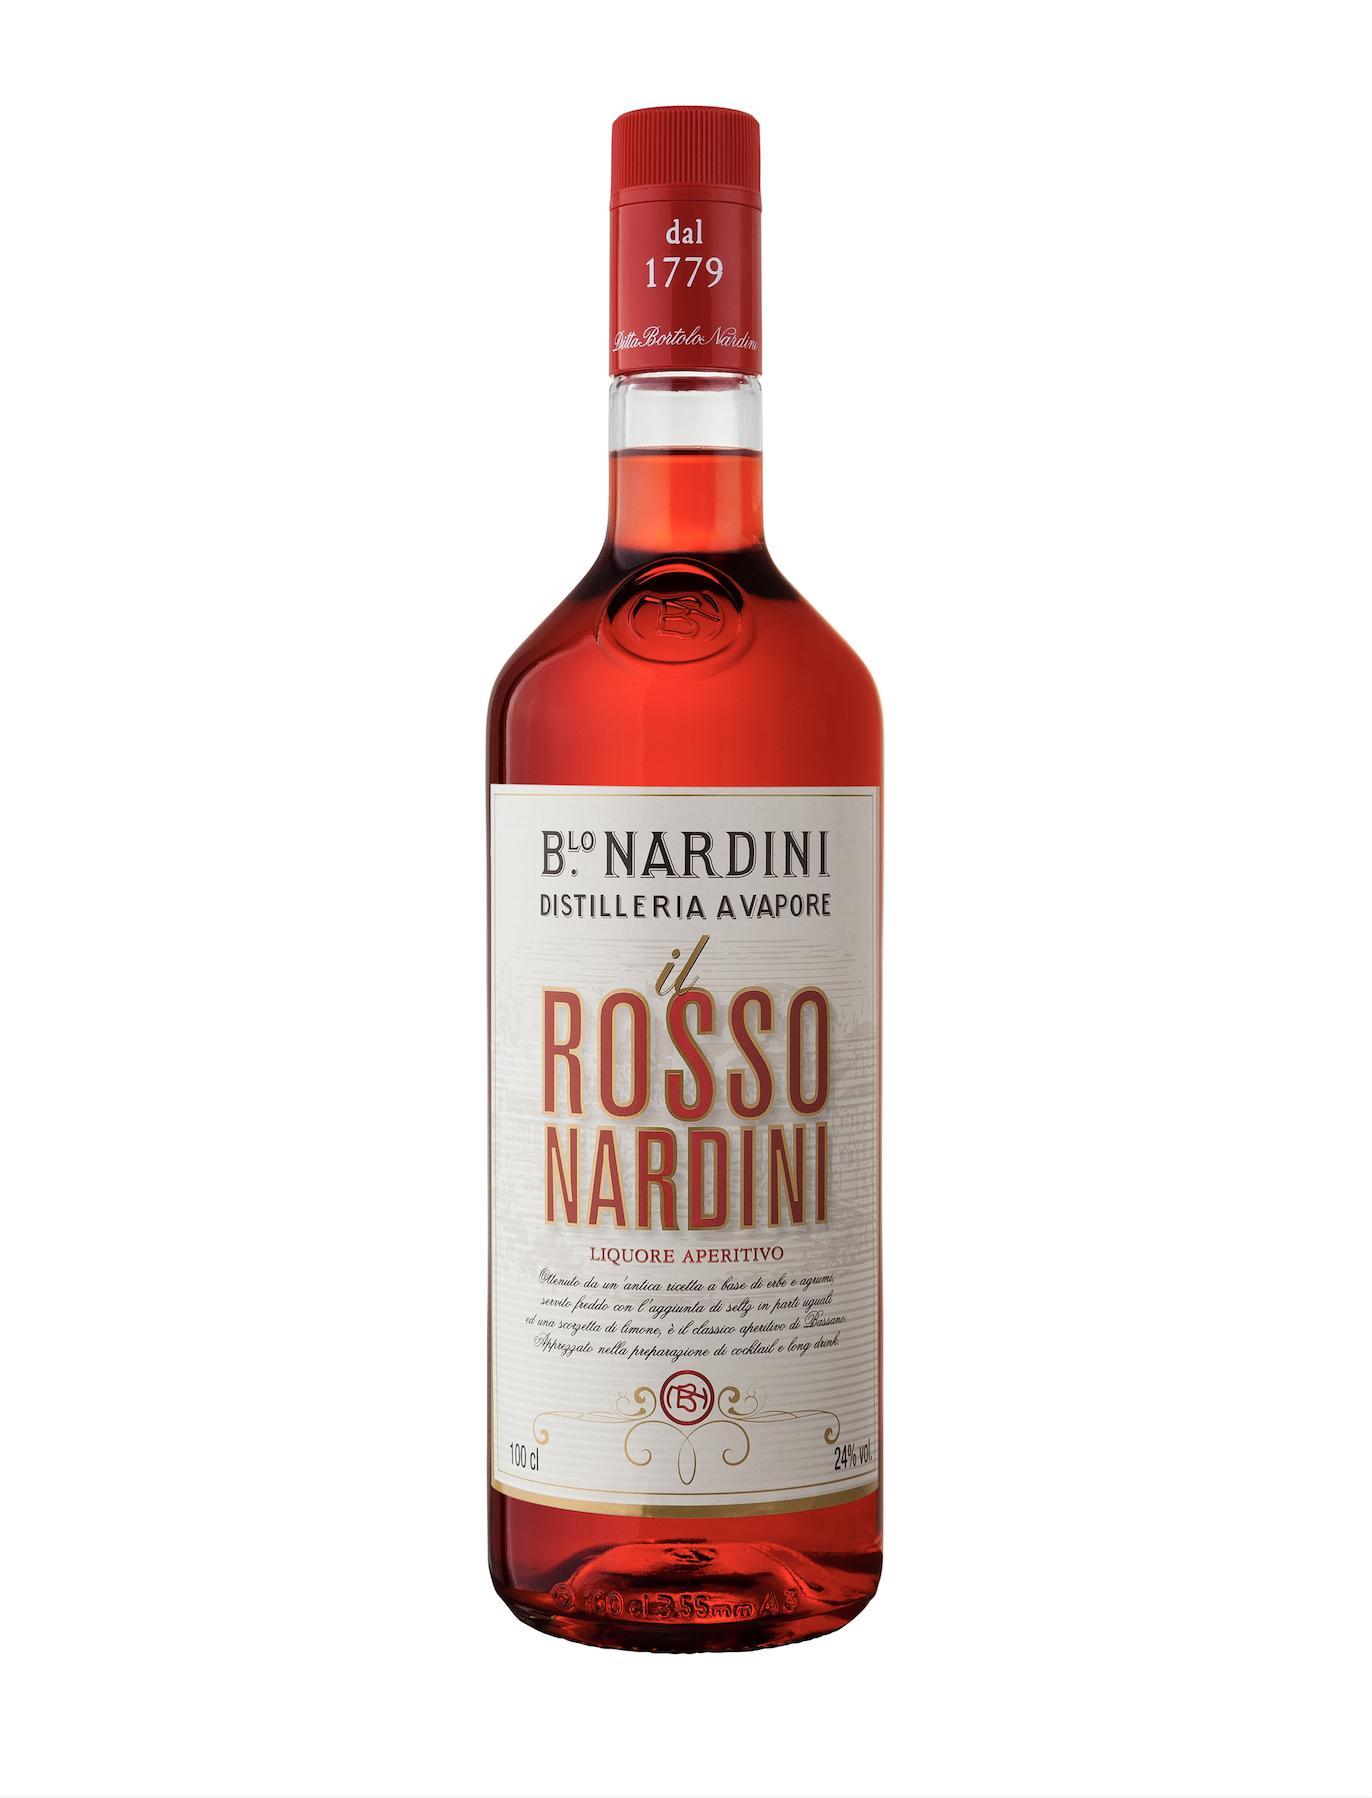 Rosso Nardini box